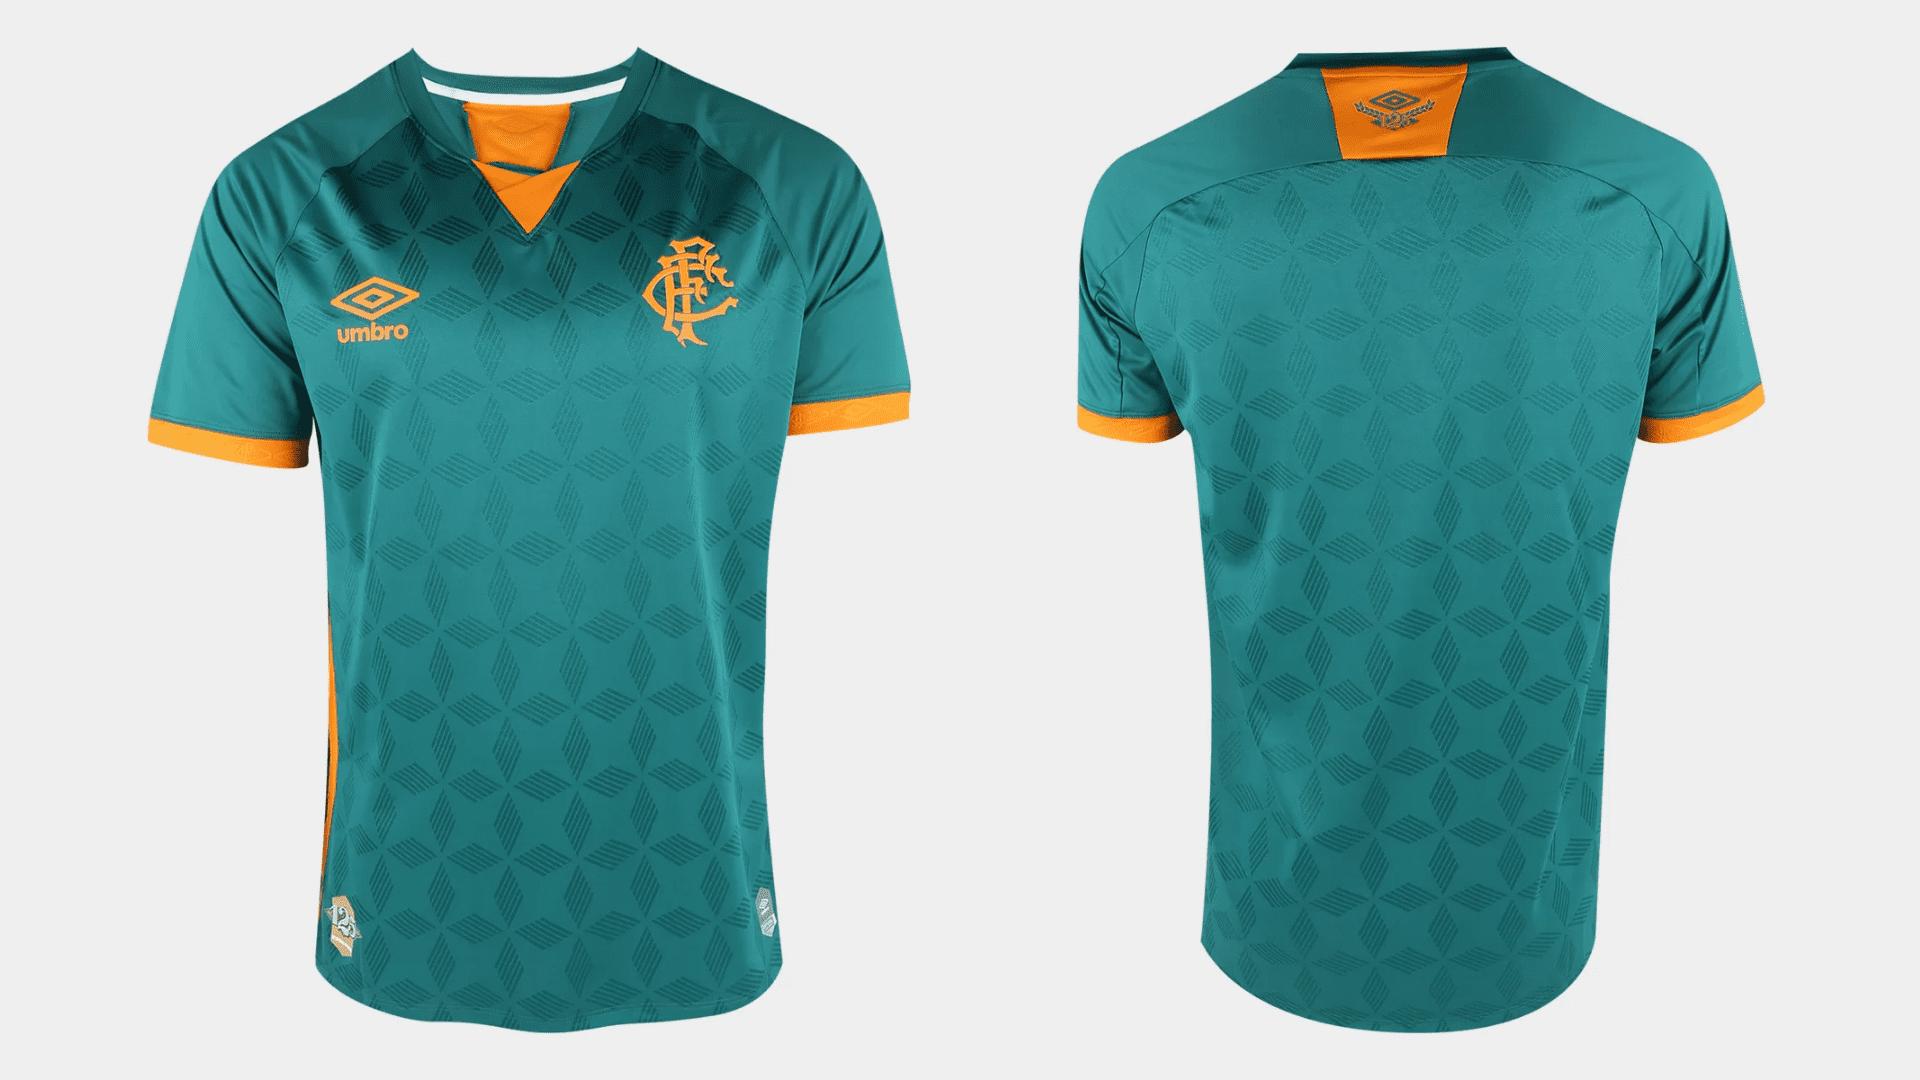 Camisa do Fluminense 2020 Umbro Jogo 3 (Imagem: Divulgação/Umbro)